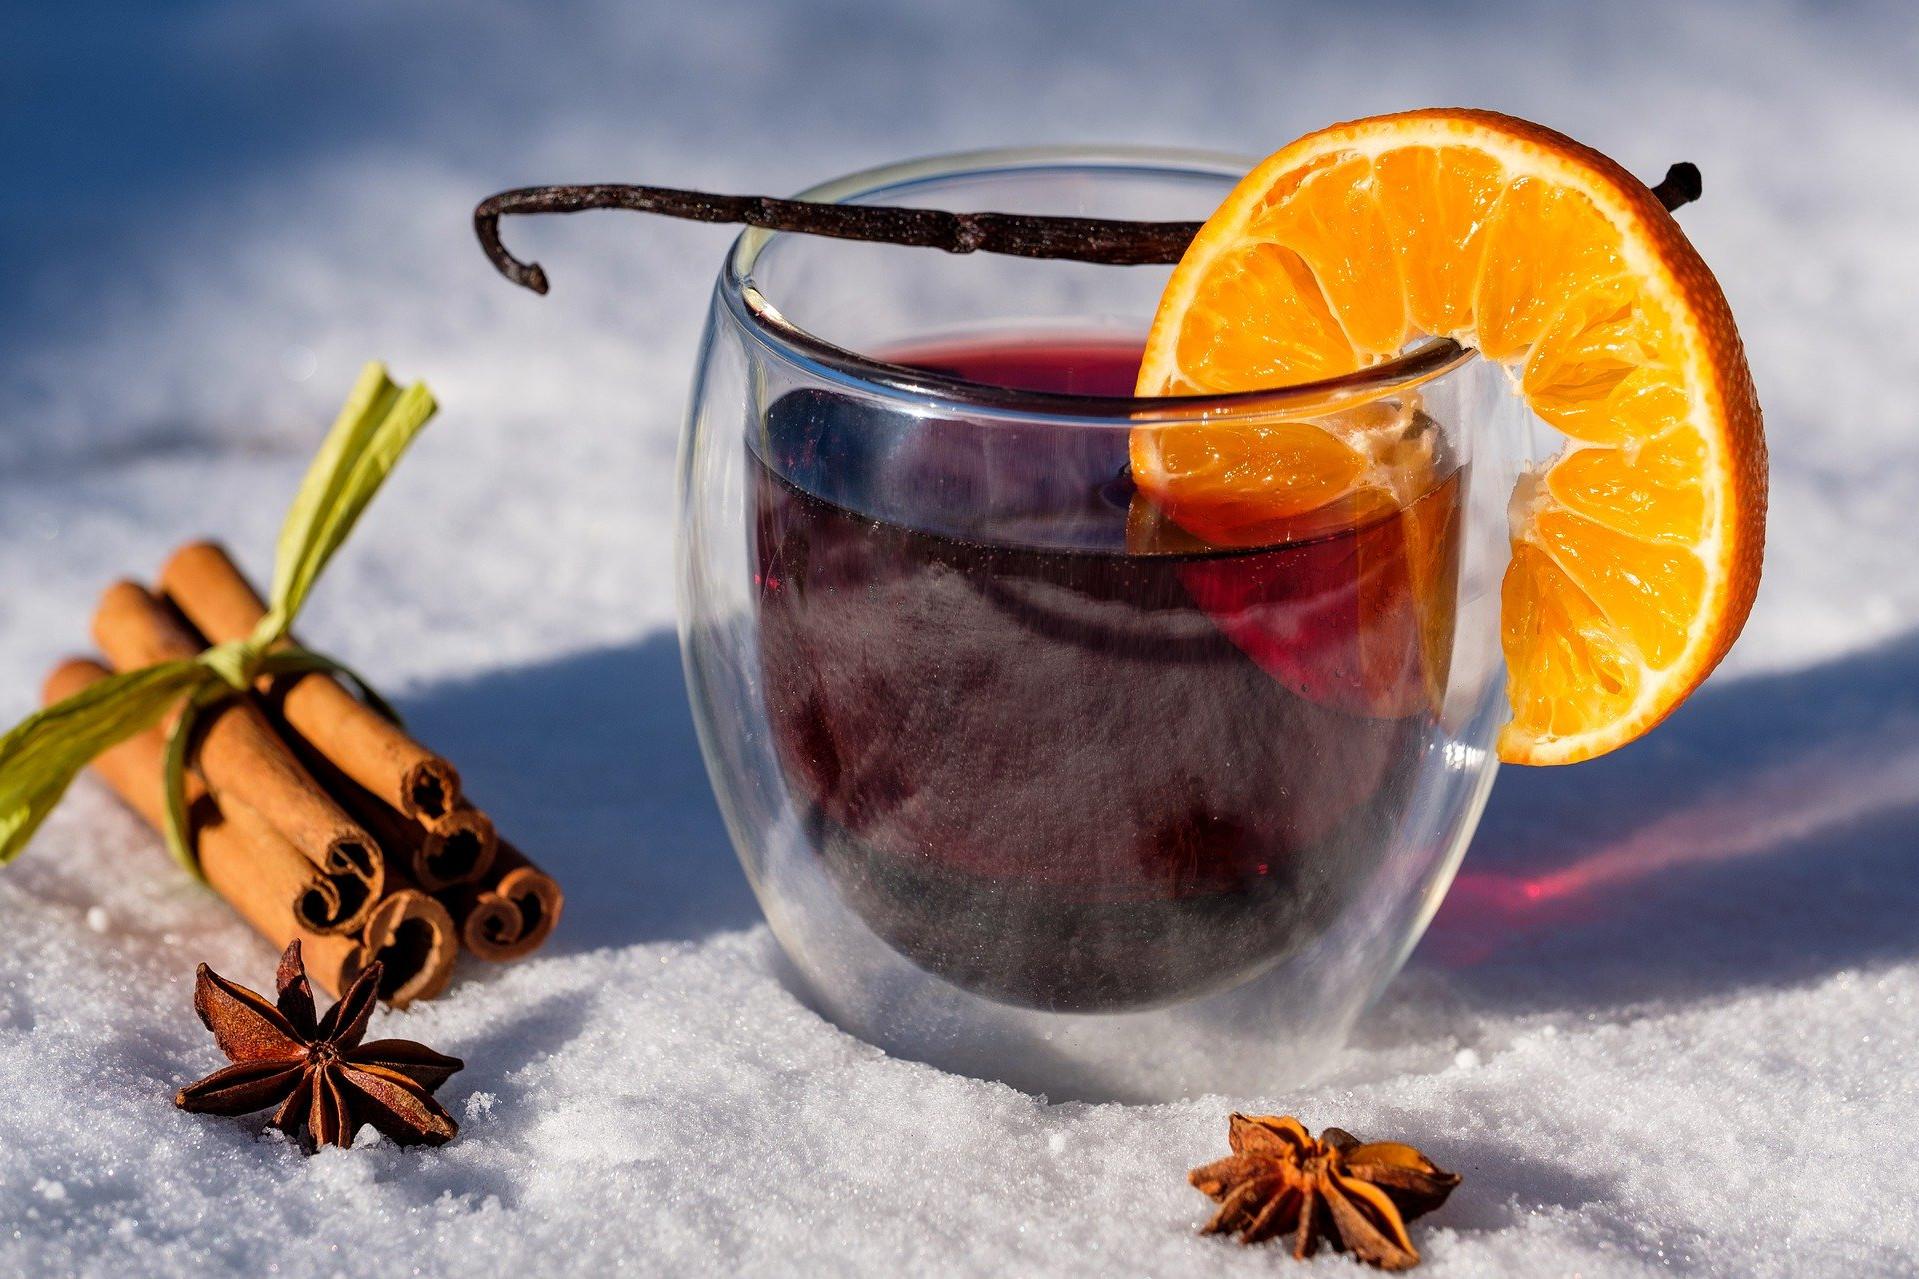 Egy pohár finom forralt bor télen mindig meghozza a hangulatot